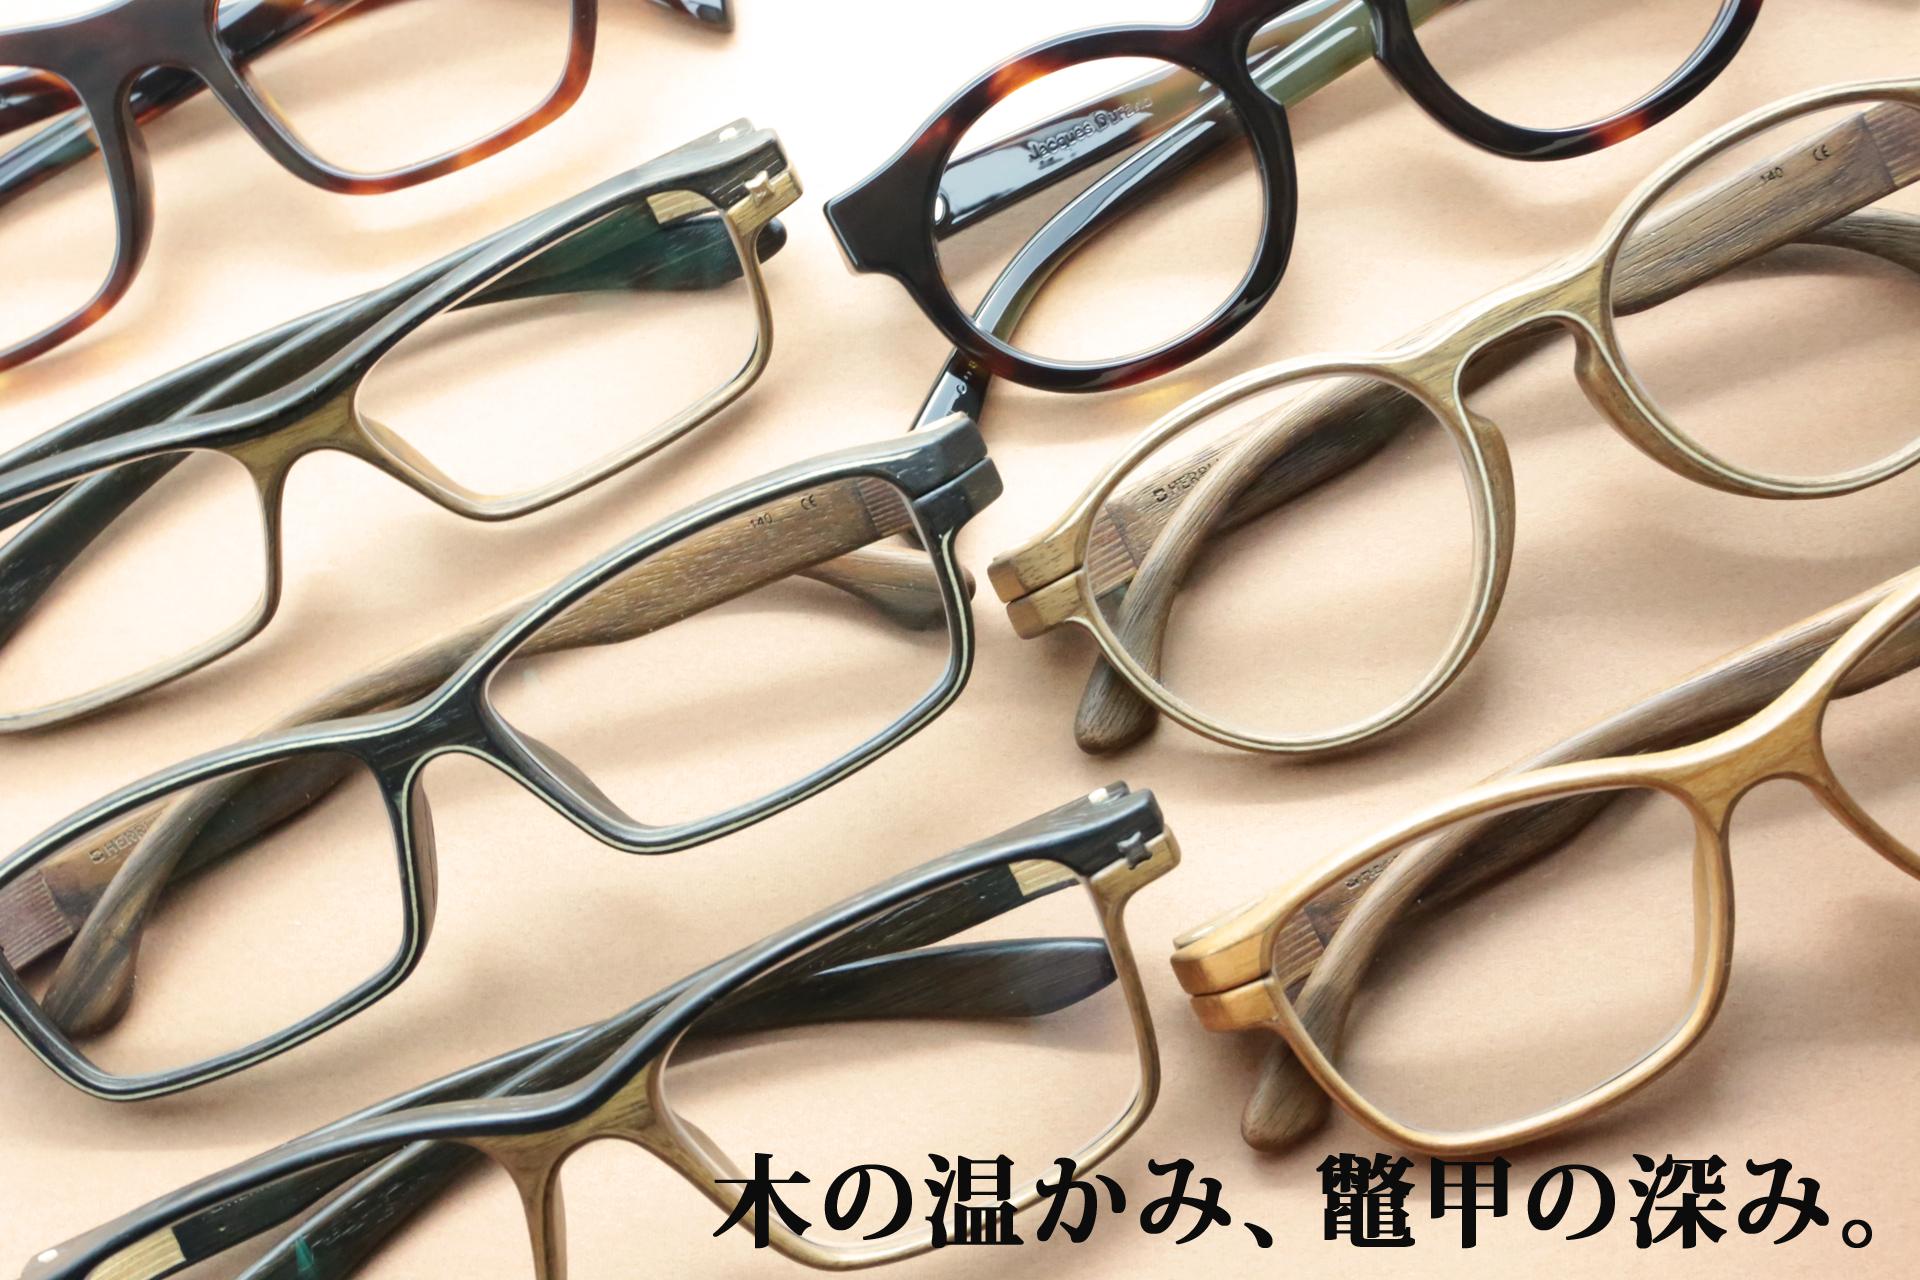 天然素材のハンドメイドメガネ 【 木製メガネ / 鼈甲メガネ 】